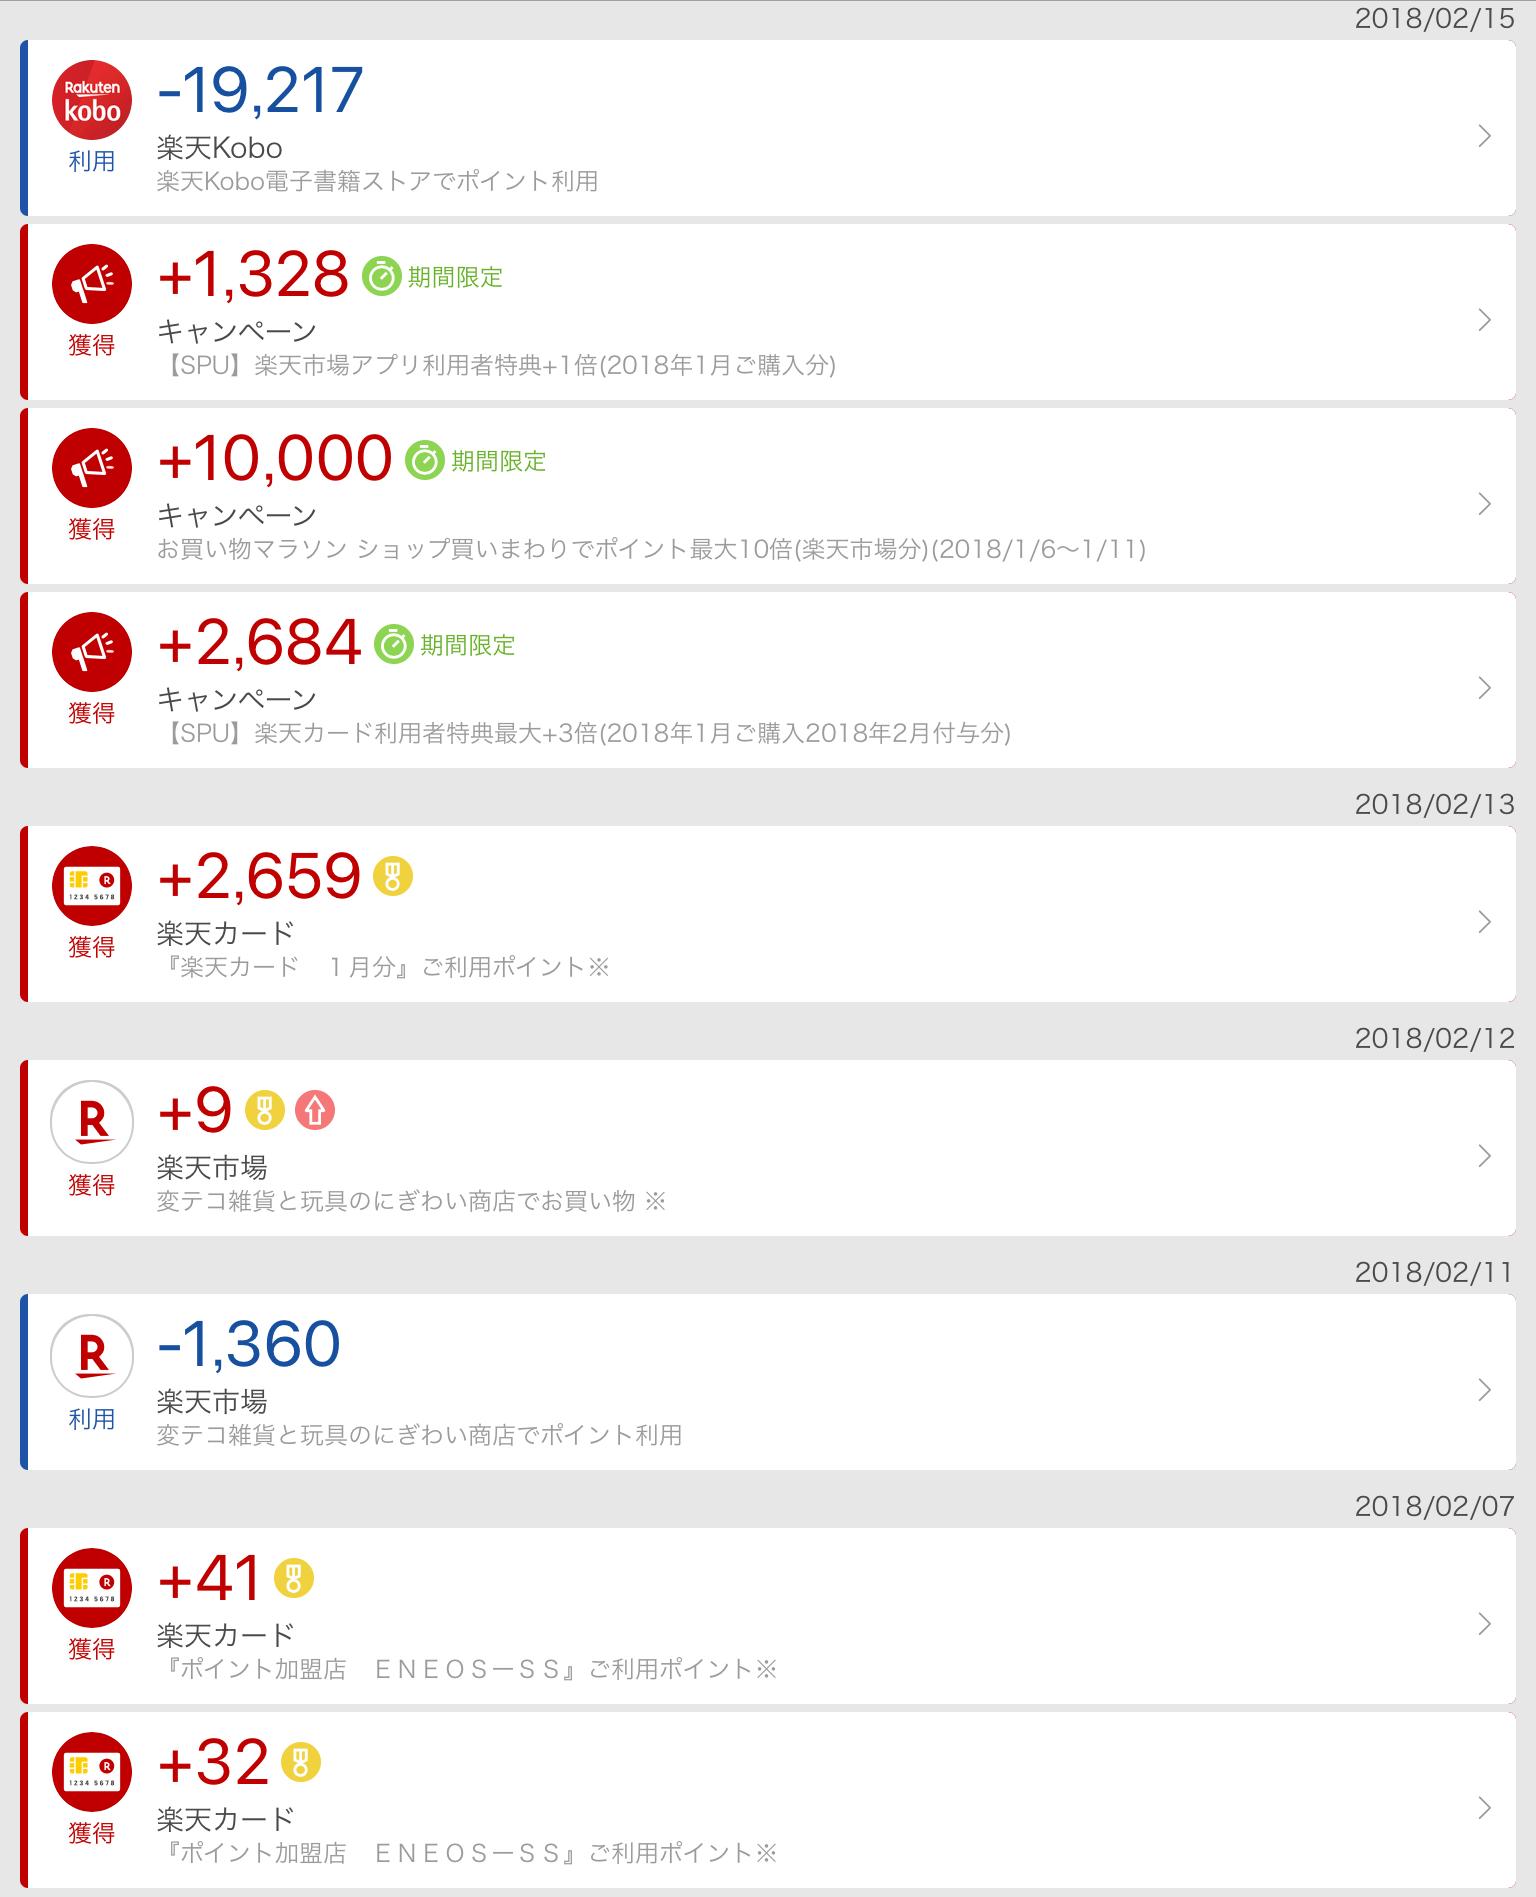 ナガユキ家の2018年2月の楽天ポイント増減表